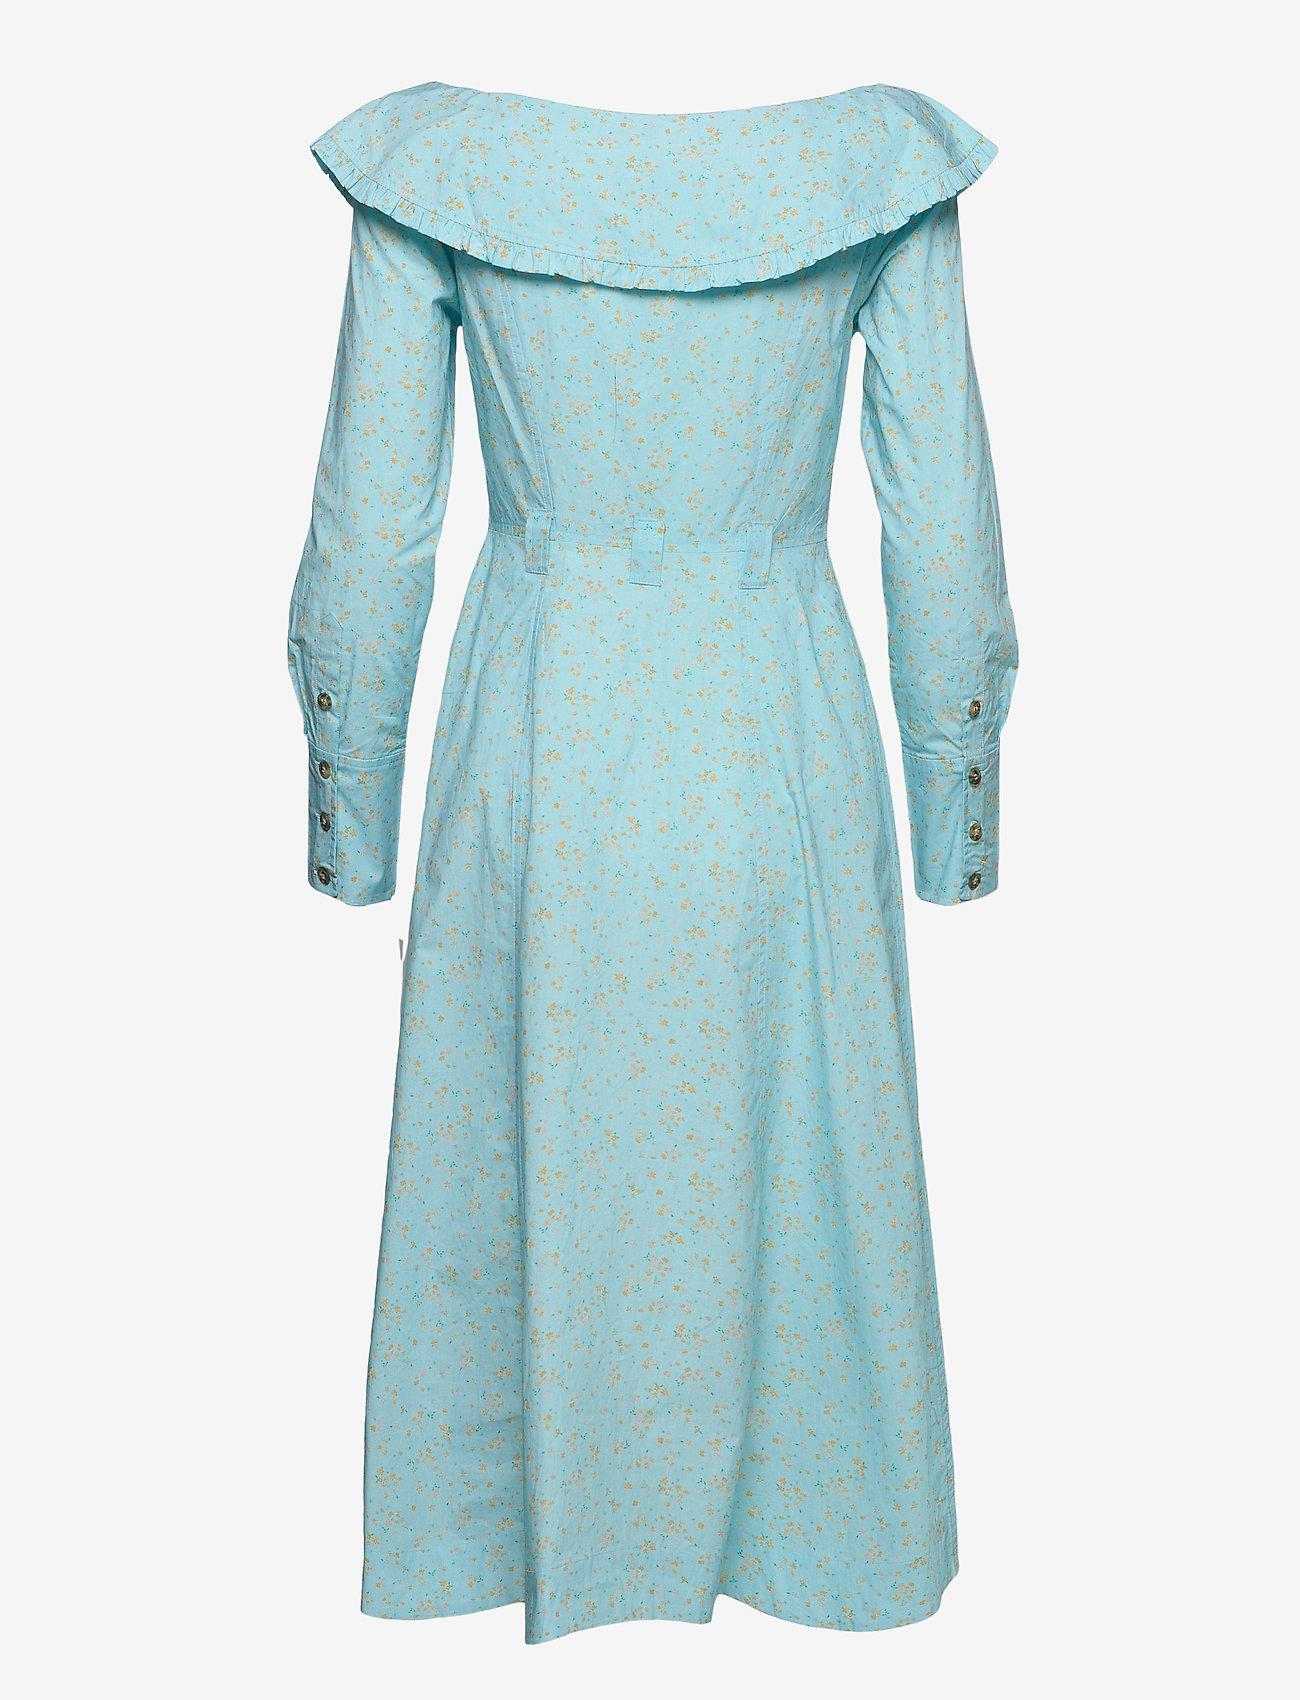 Ganni - Printed Cotton Poplin - sommerkleider - corydalis blue - 1